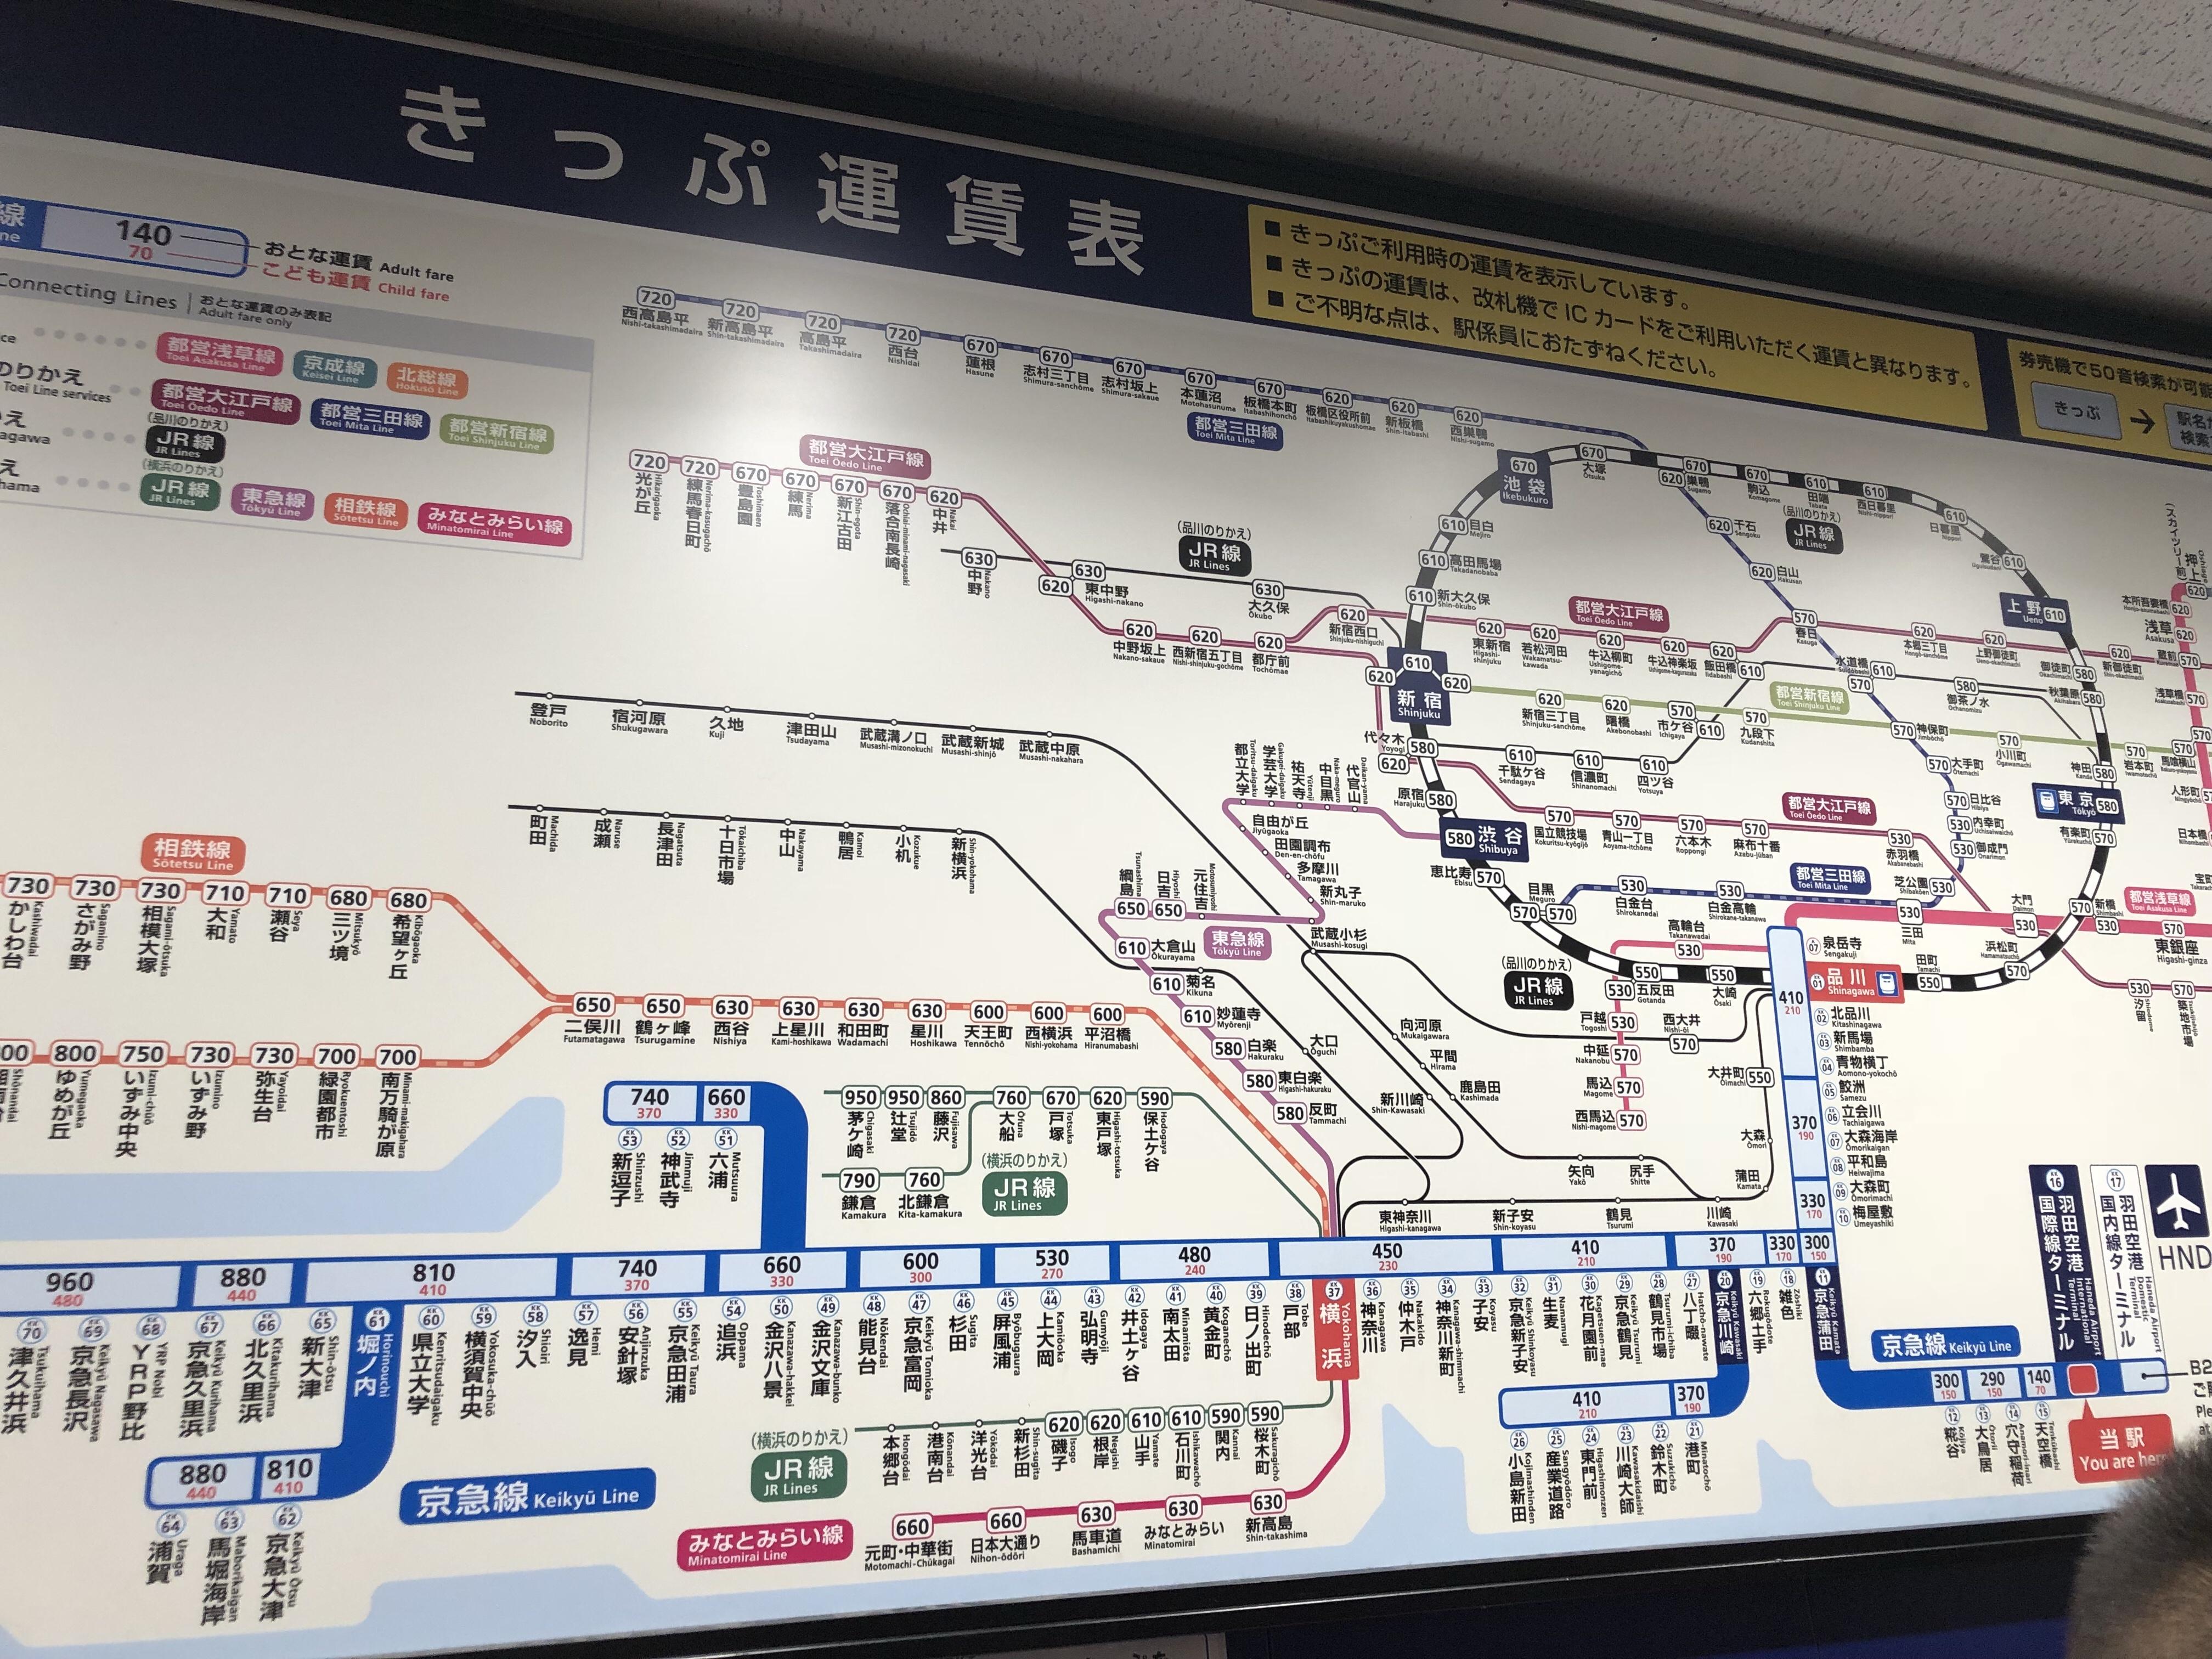 Japan - Tokyo Metro Map